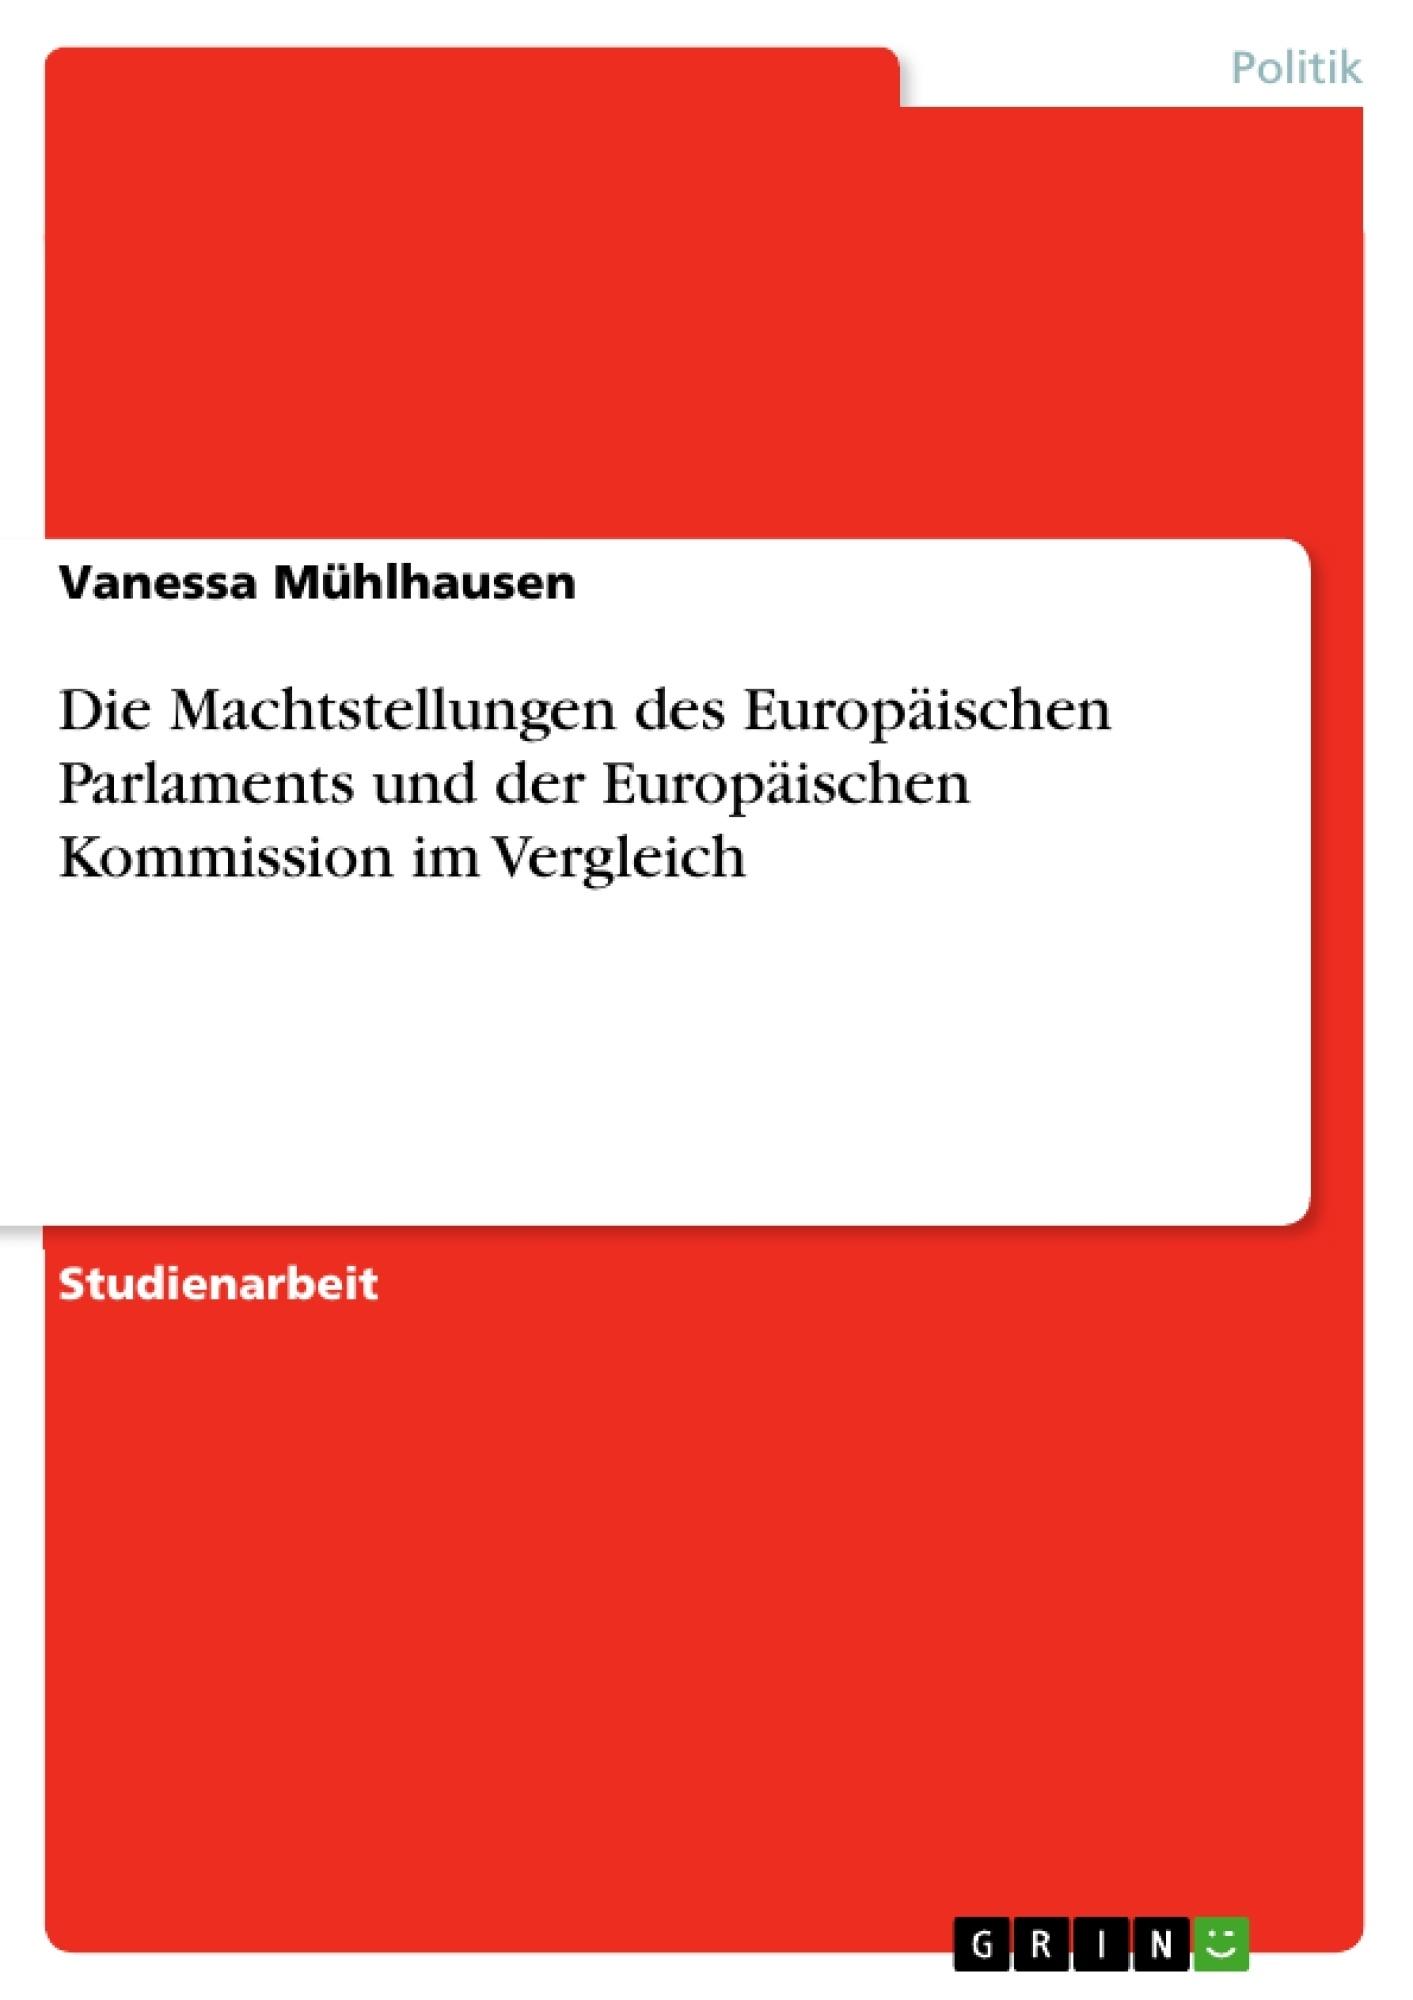 Titel: Die Machtstellungen des Europäischen Parlaments und der Europäischen Kommission im Vergleich